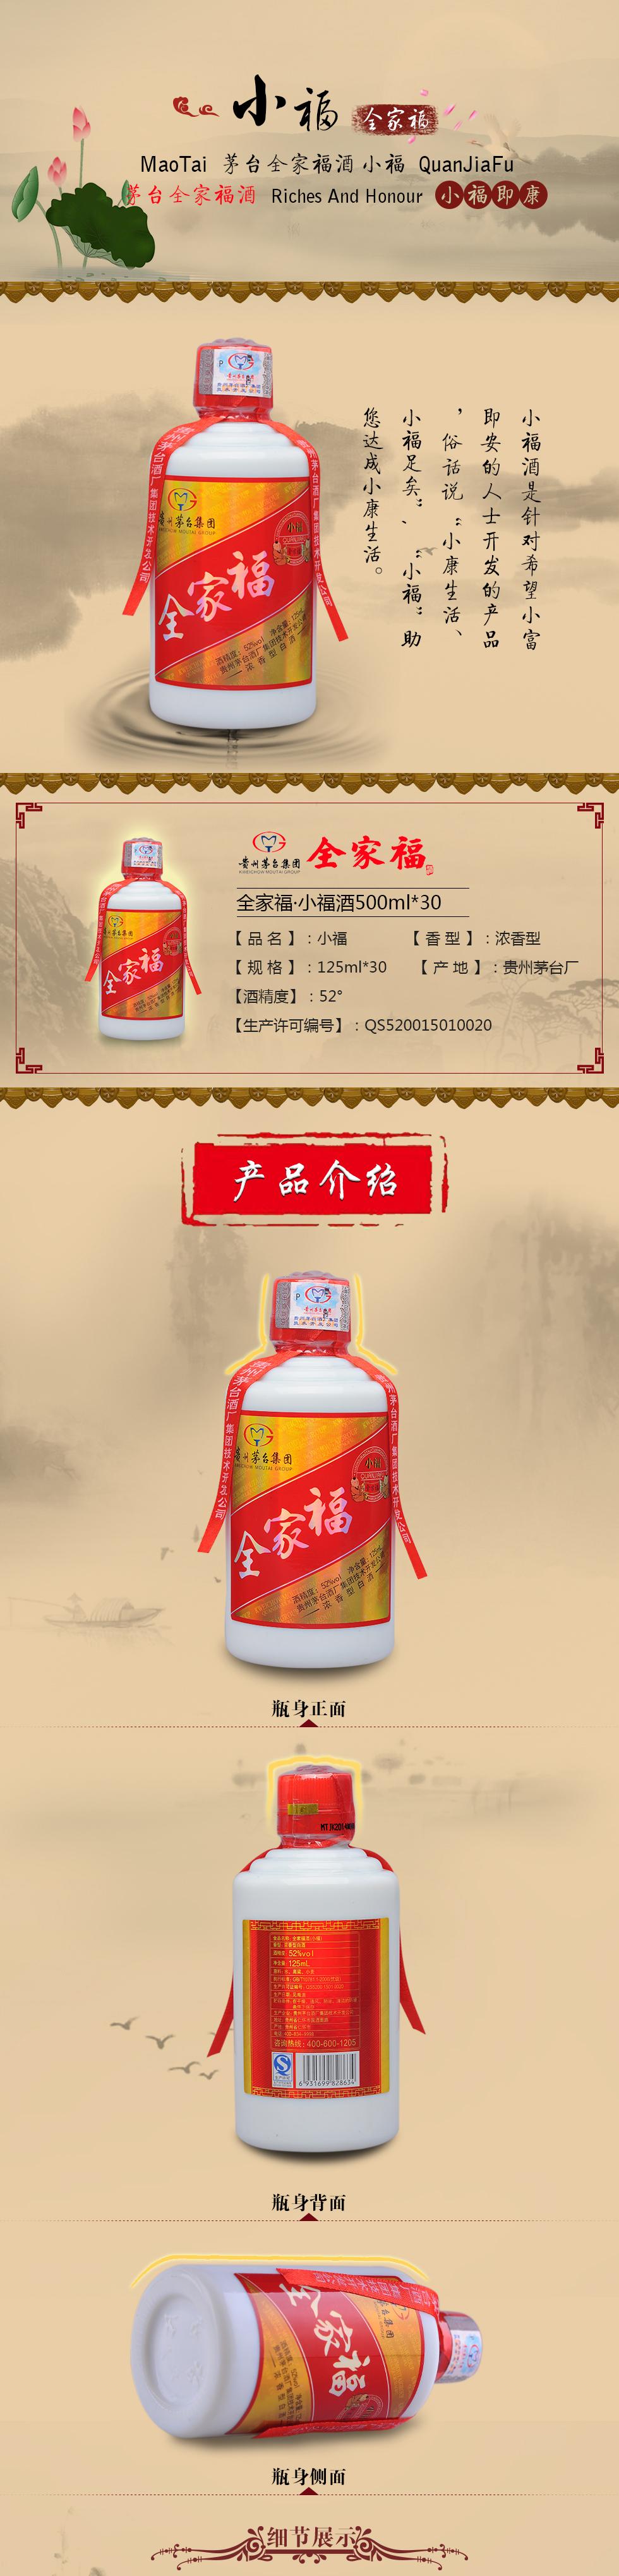 小福详情 1.jpg